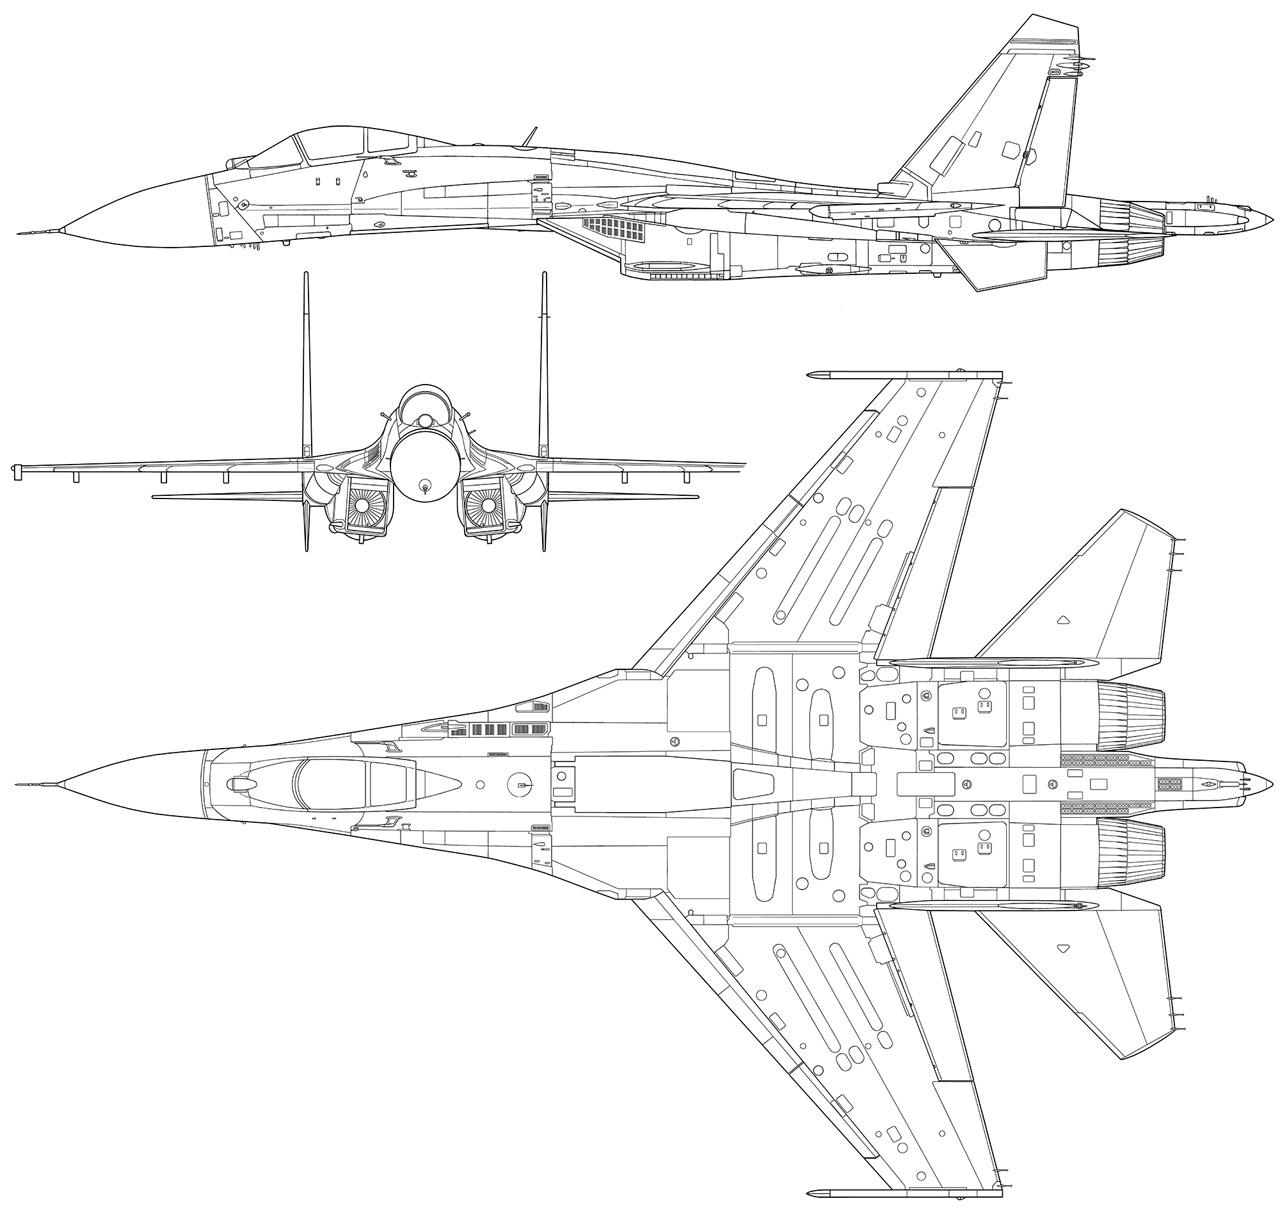 16 - Sukhoi S-55 y S-56 ¿Posible relevo de nuestros F-16? - Página 3 Su-27-drawings_preview